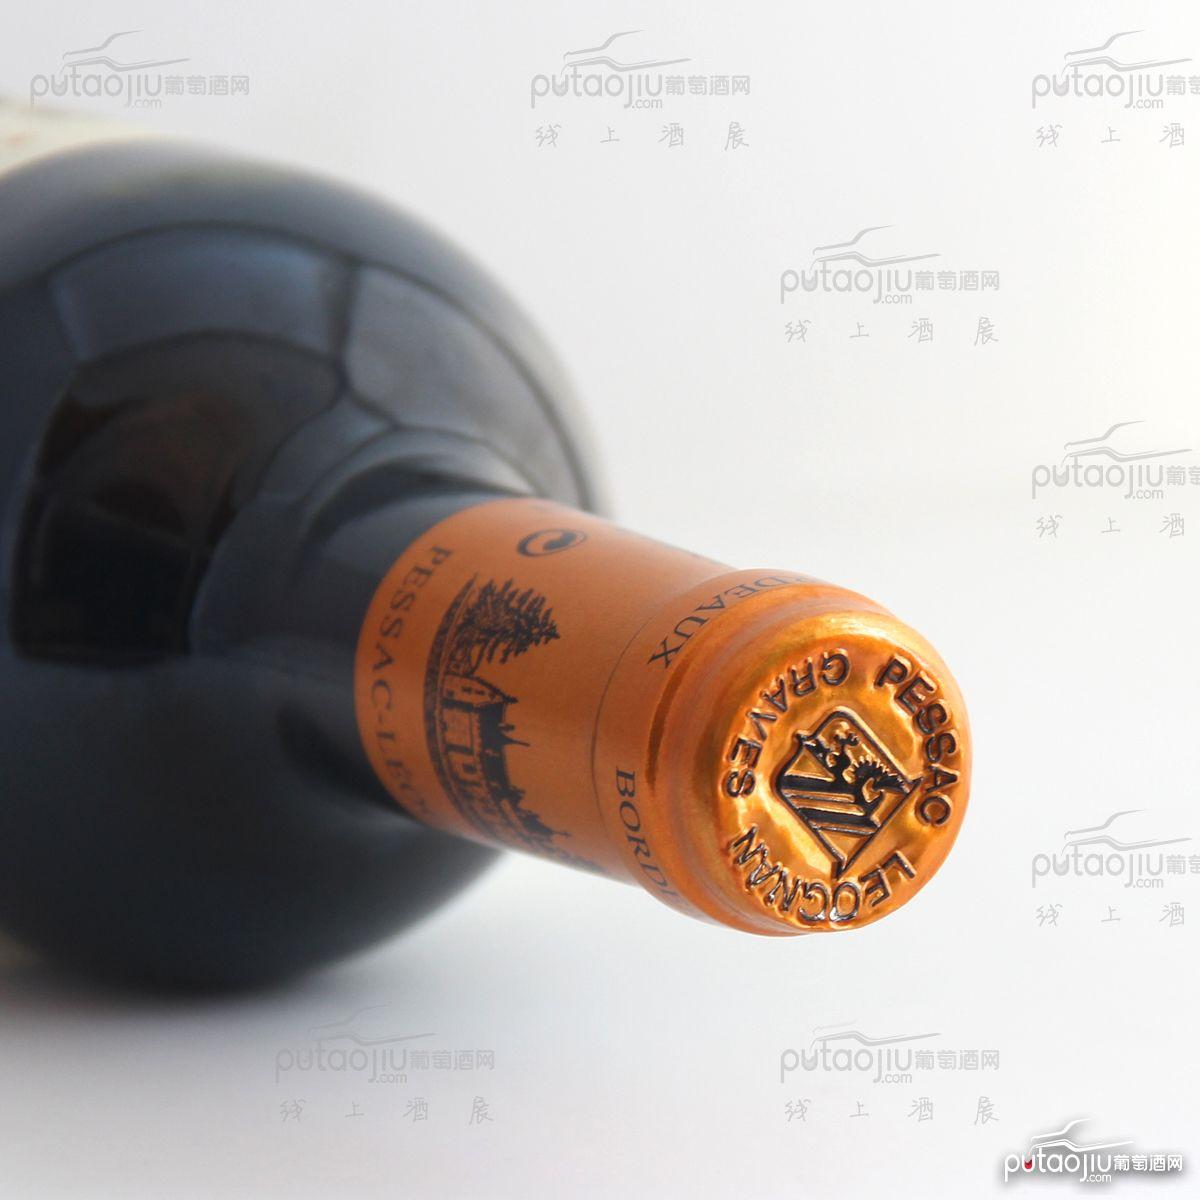 法国佩萨克雷奥良奥利维耶城堡赤霞珠梅洛AOC法定产区干红葡萄酒